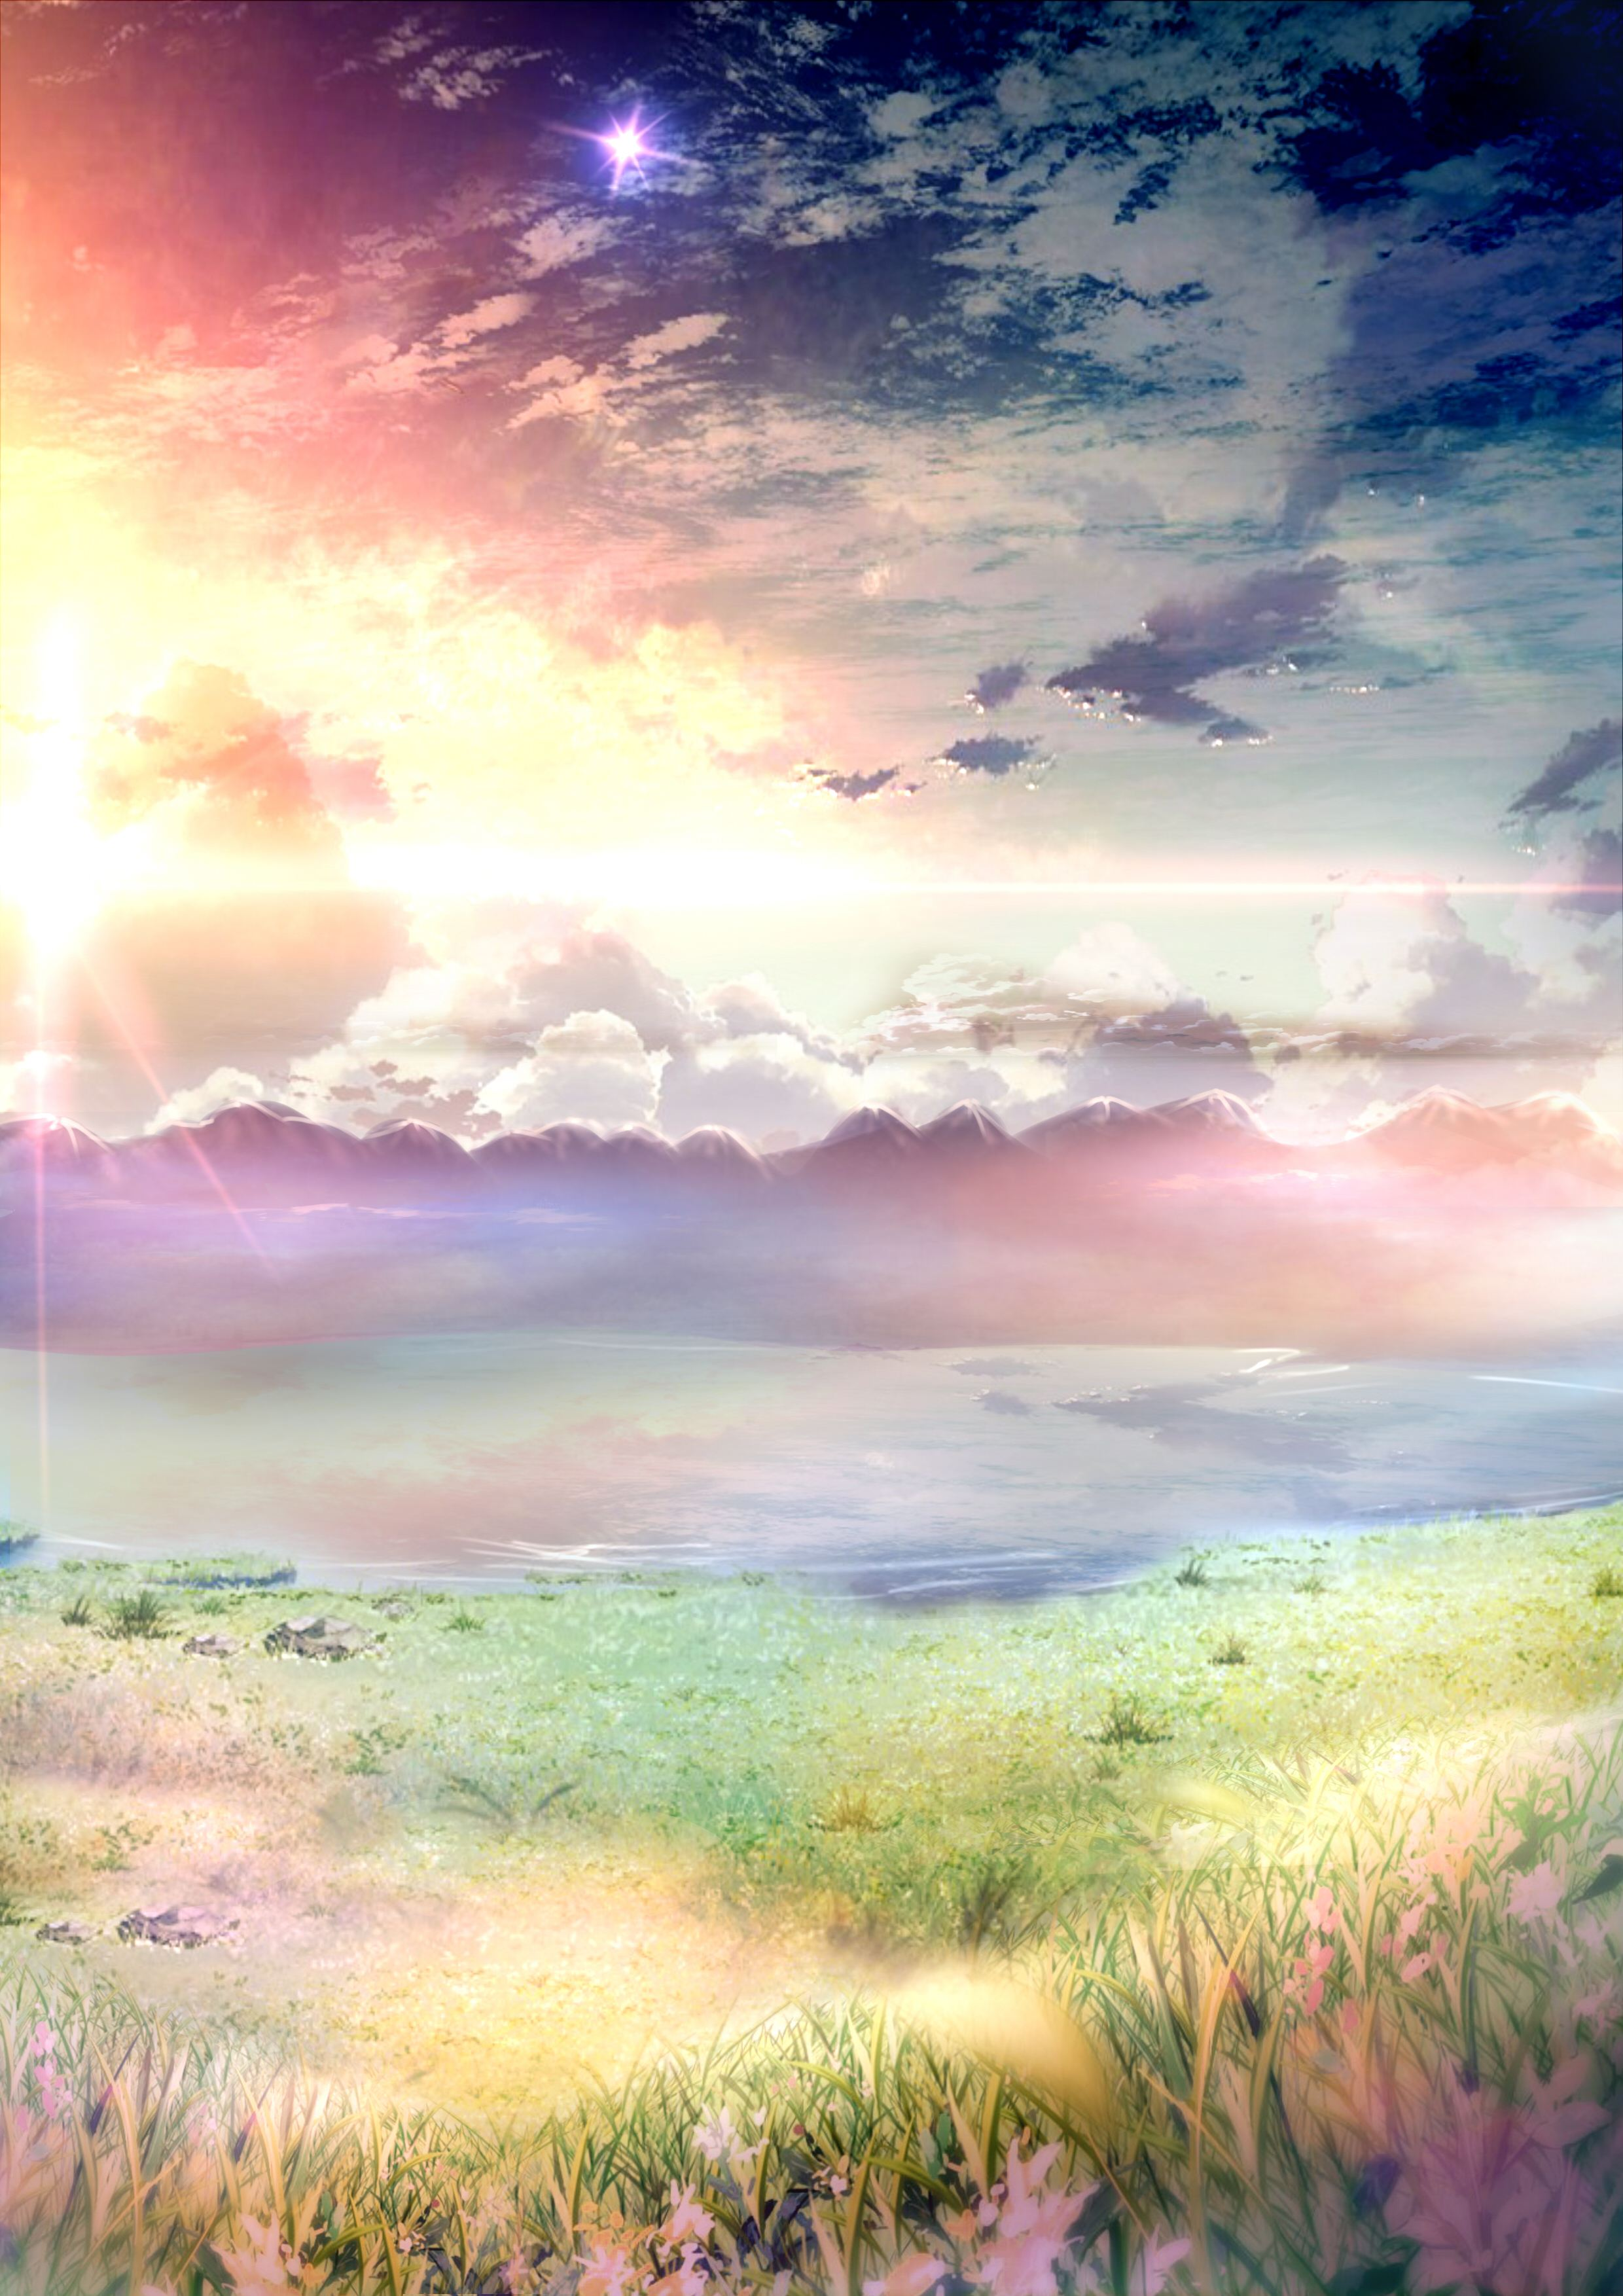 Картинка поле с цветами